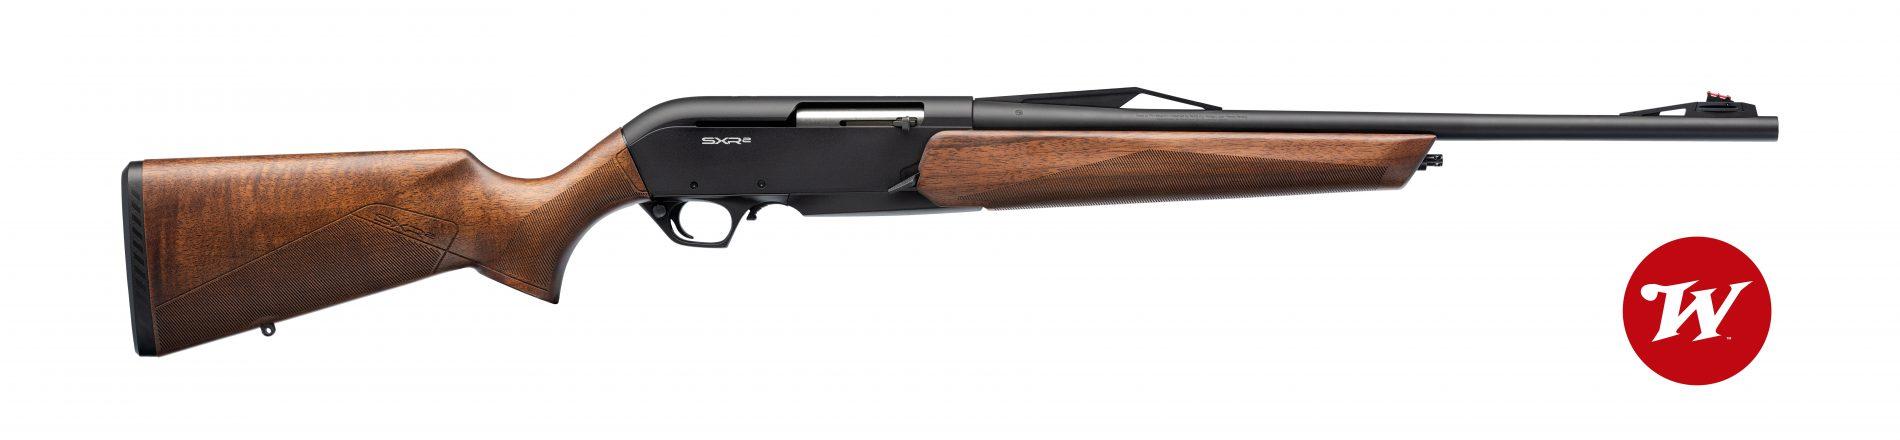 El gusto por lo auténtico: nuevo rifle semiautomático SXR2 Field